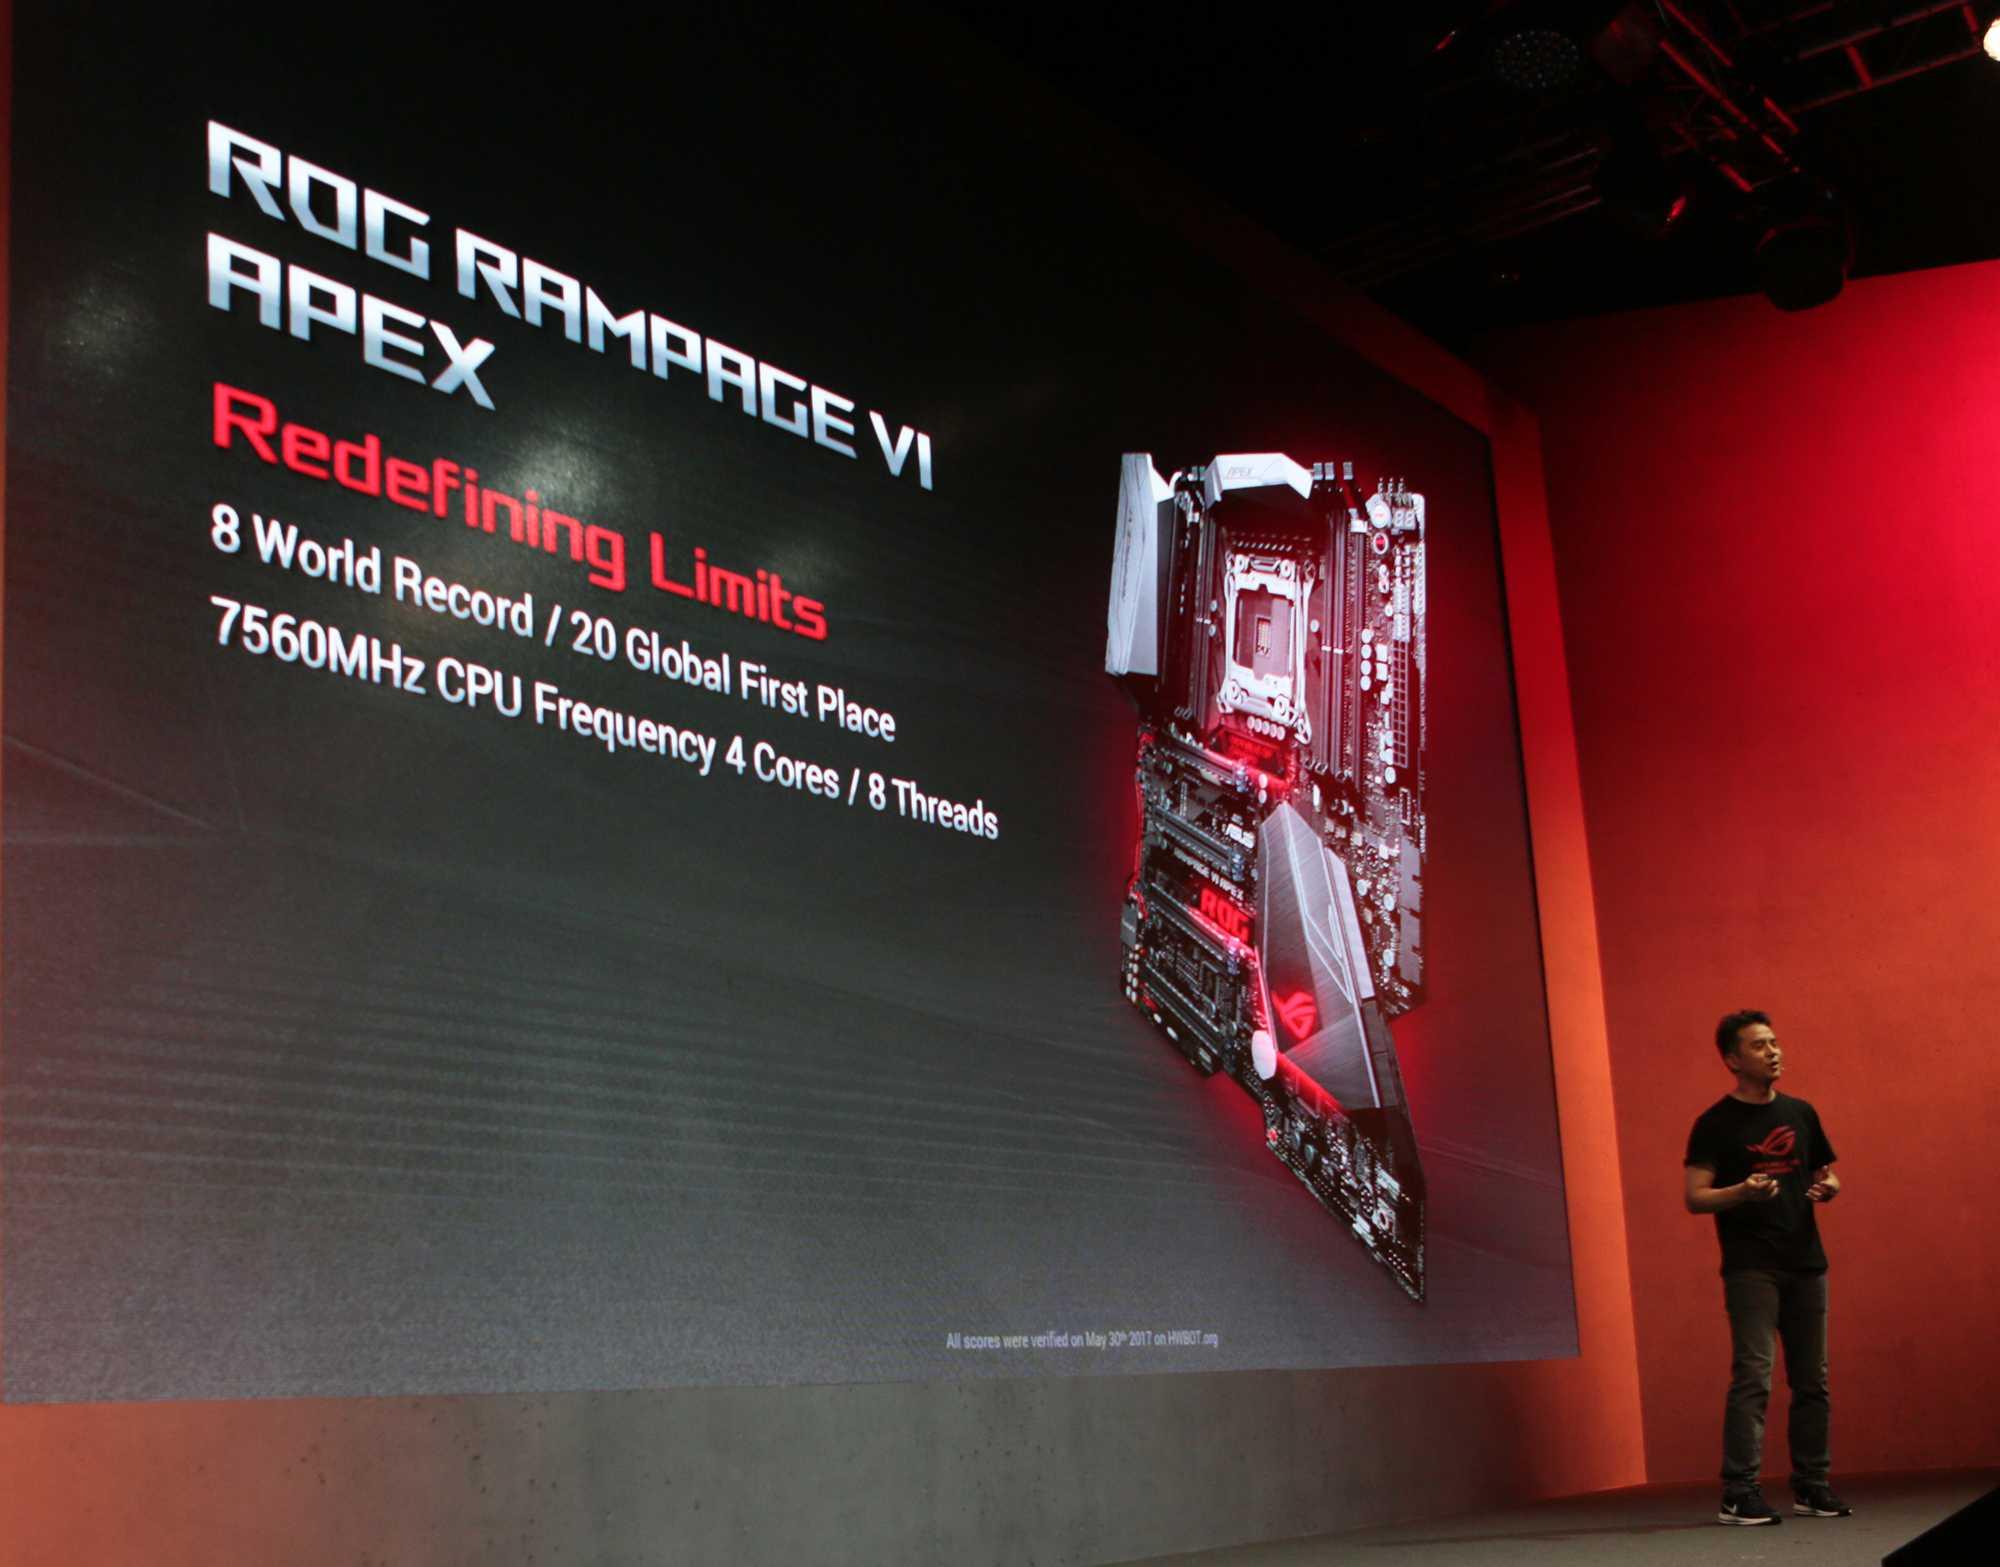 Юбилей бренда asus republic of gamers: 10 лет успешного развития  | обзоры | компьютерпресс